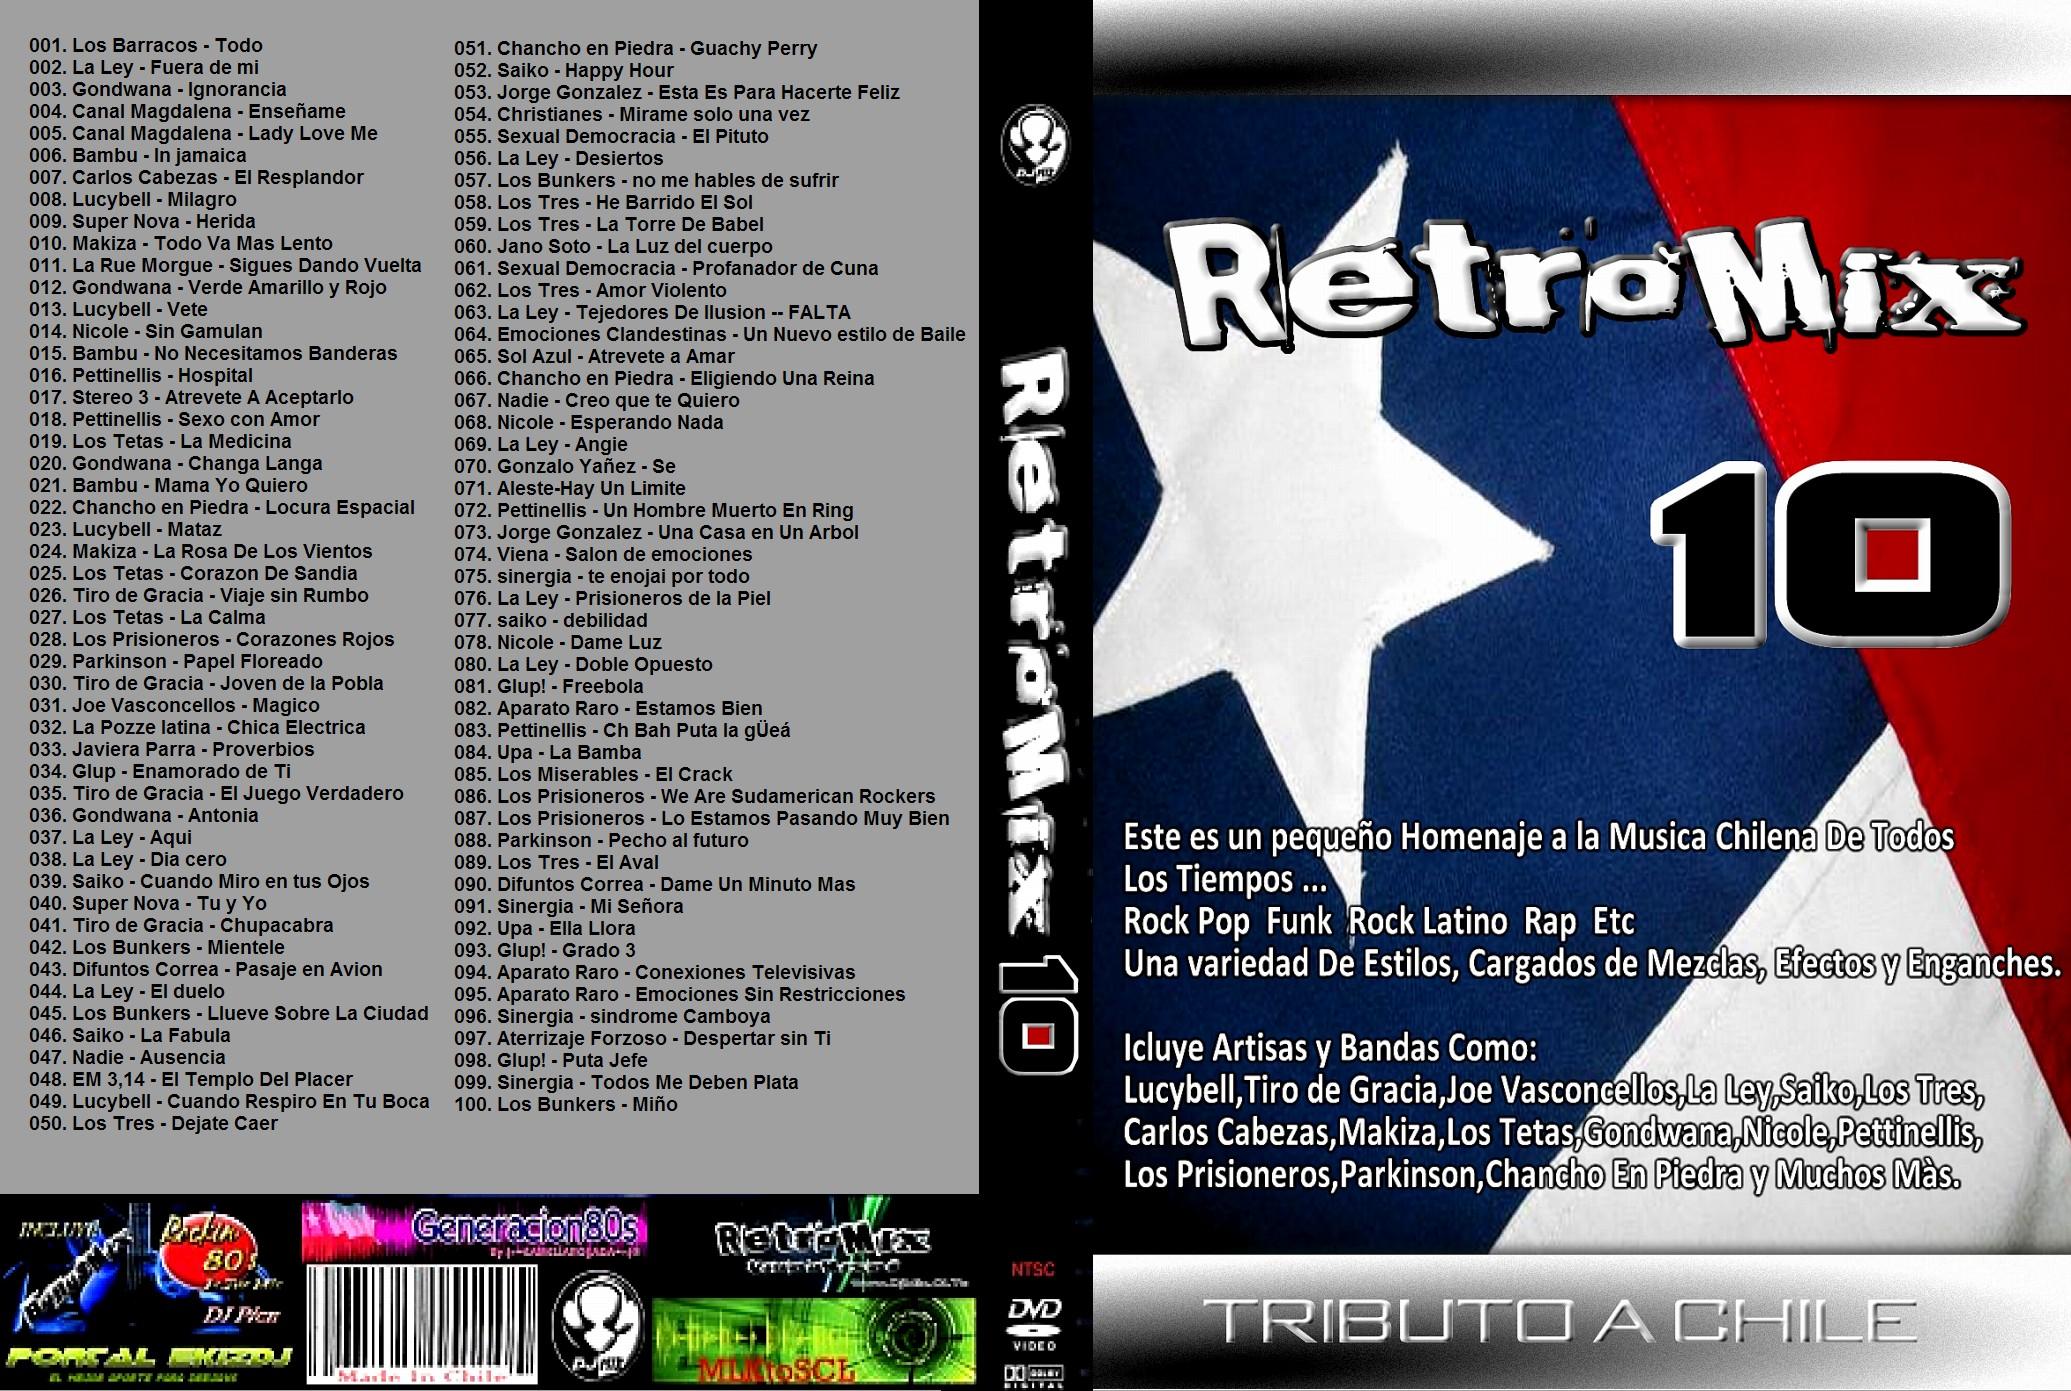 Dj Mix-RetroMix 10